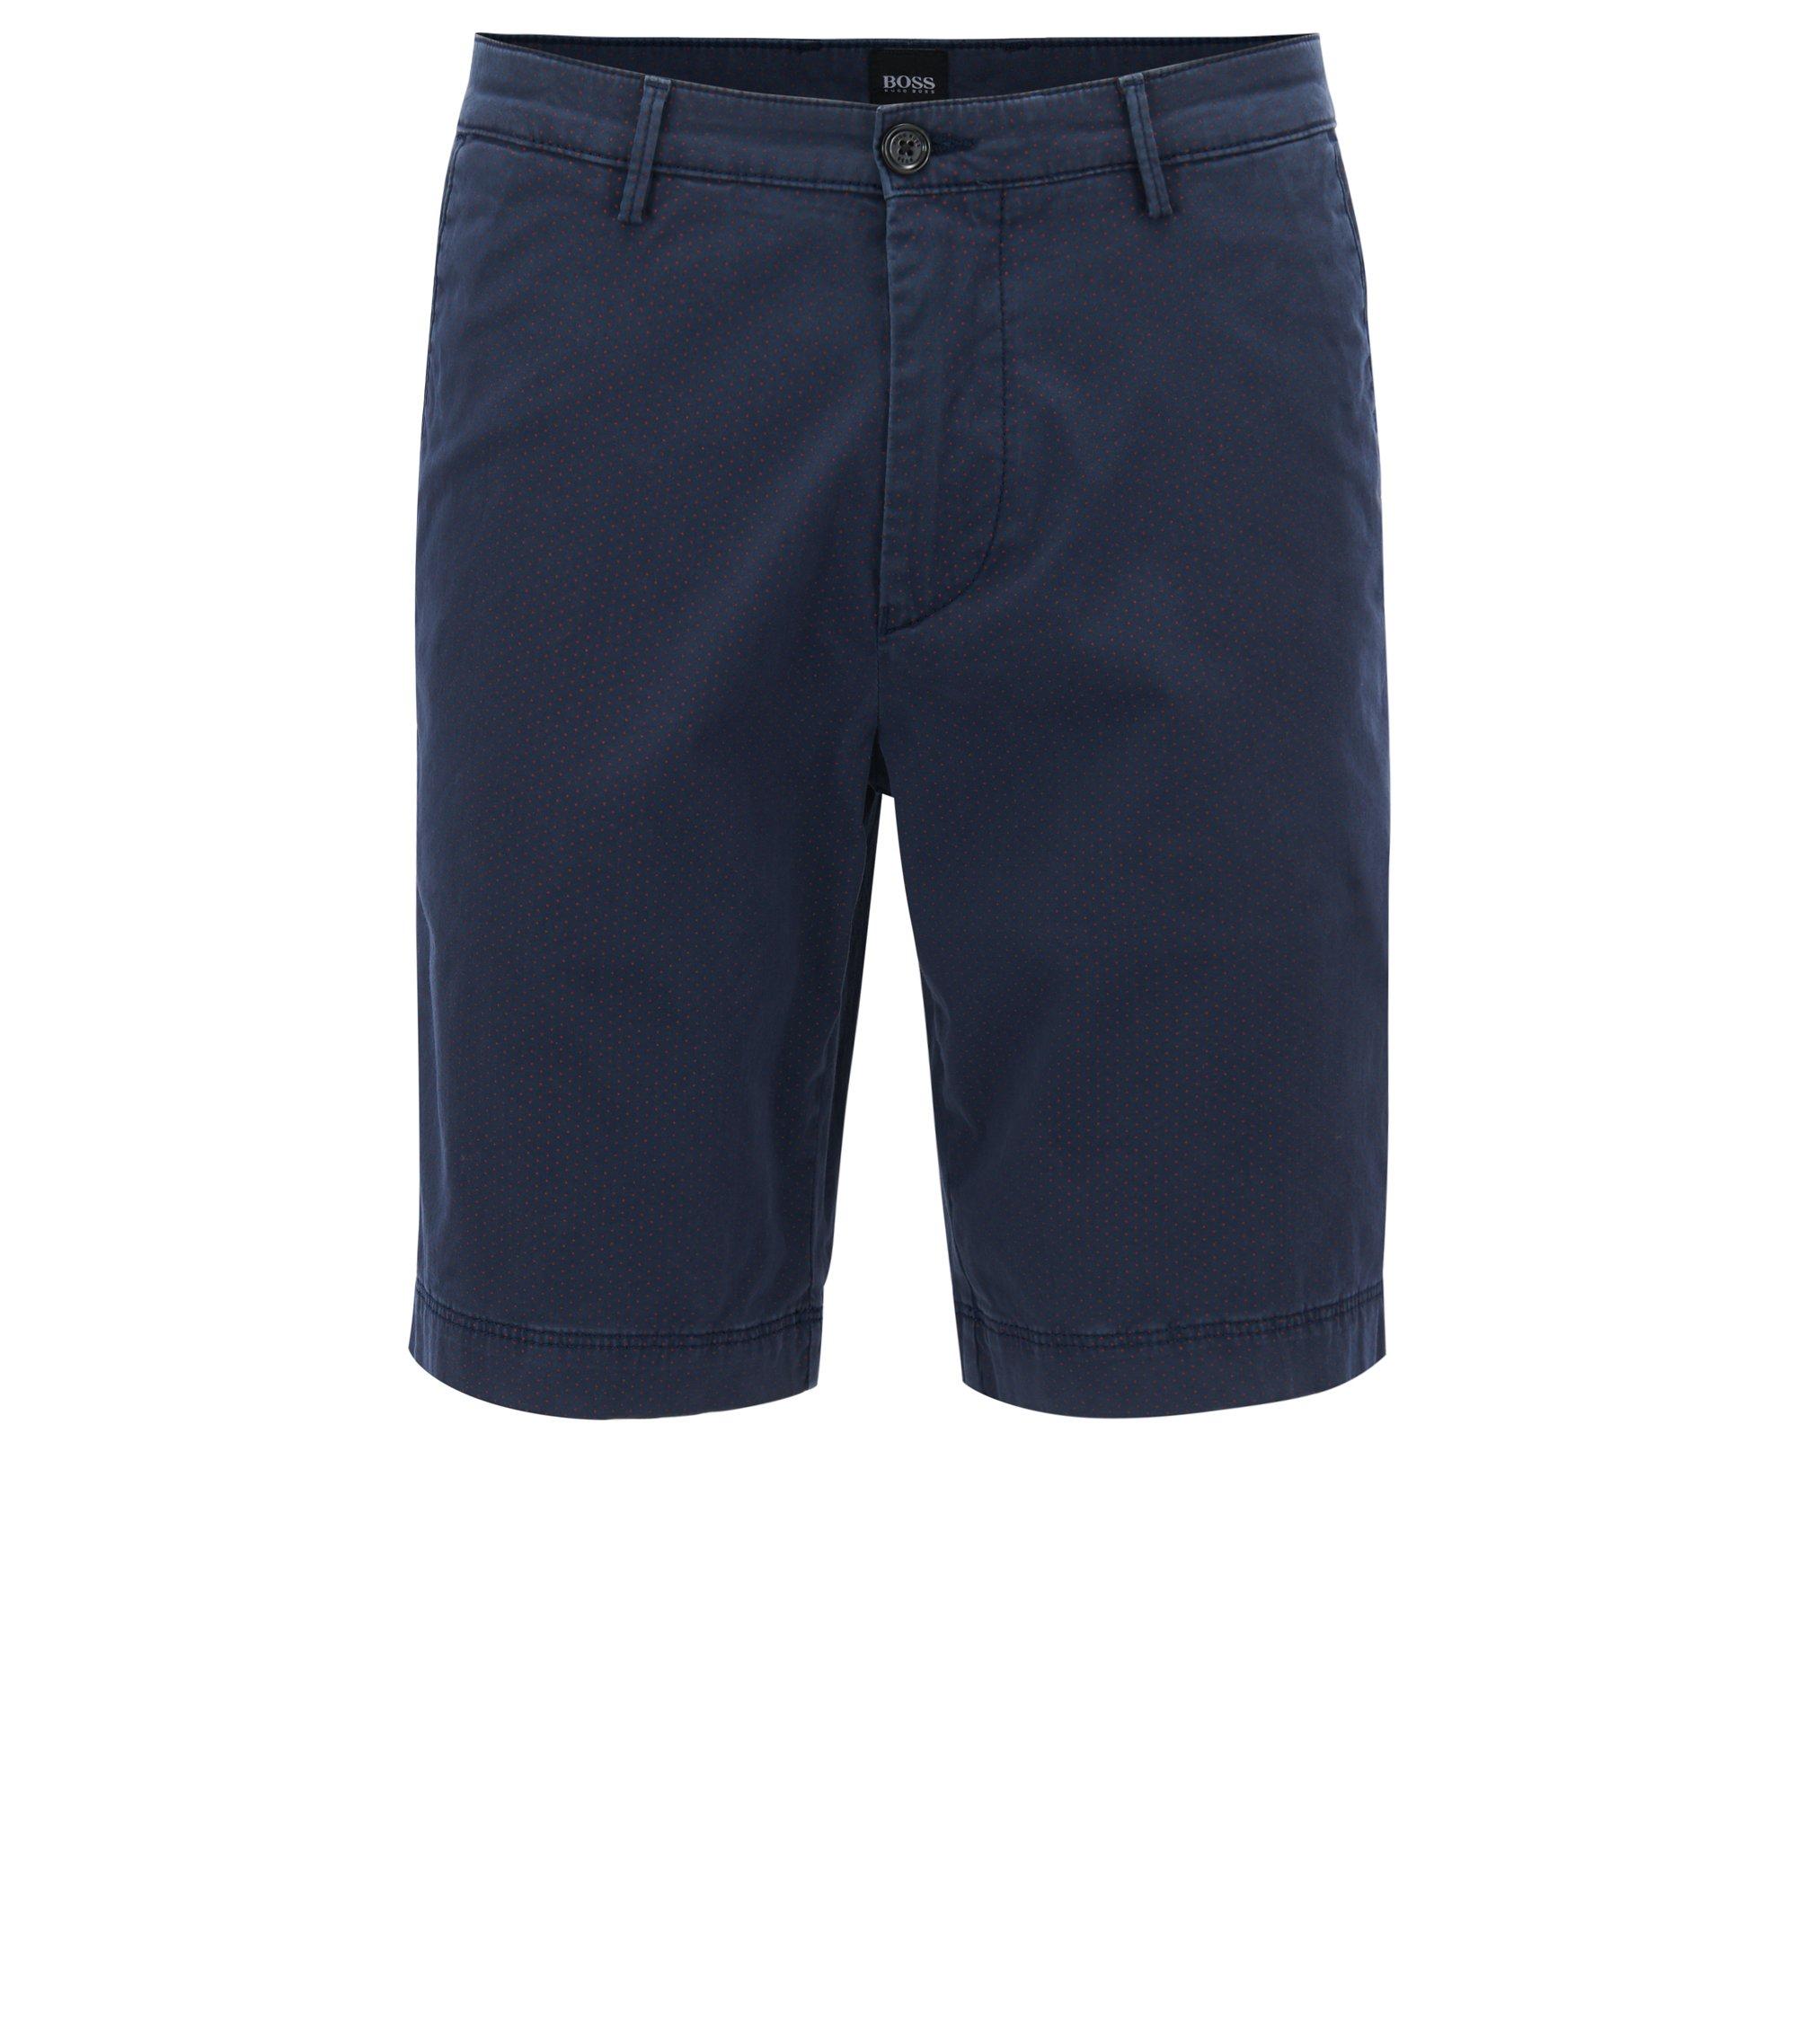 Bedruckte Shorts aus elastischer Pima-Baumwolle, Dunkelblau